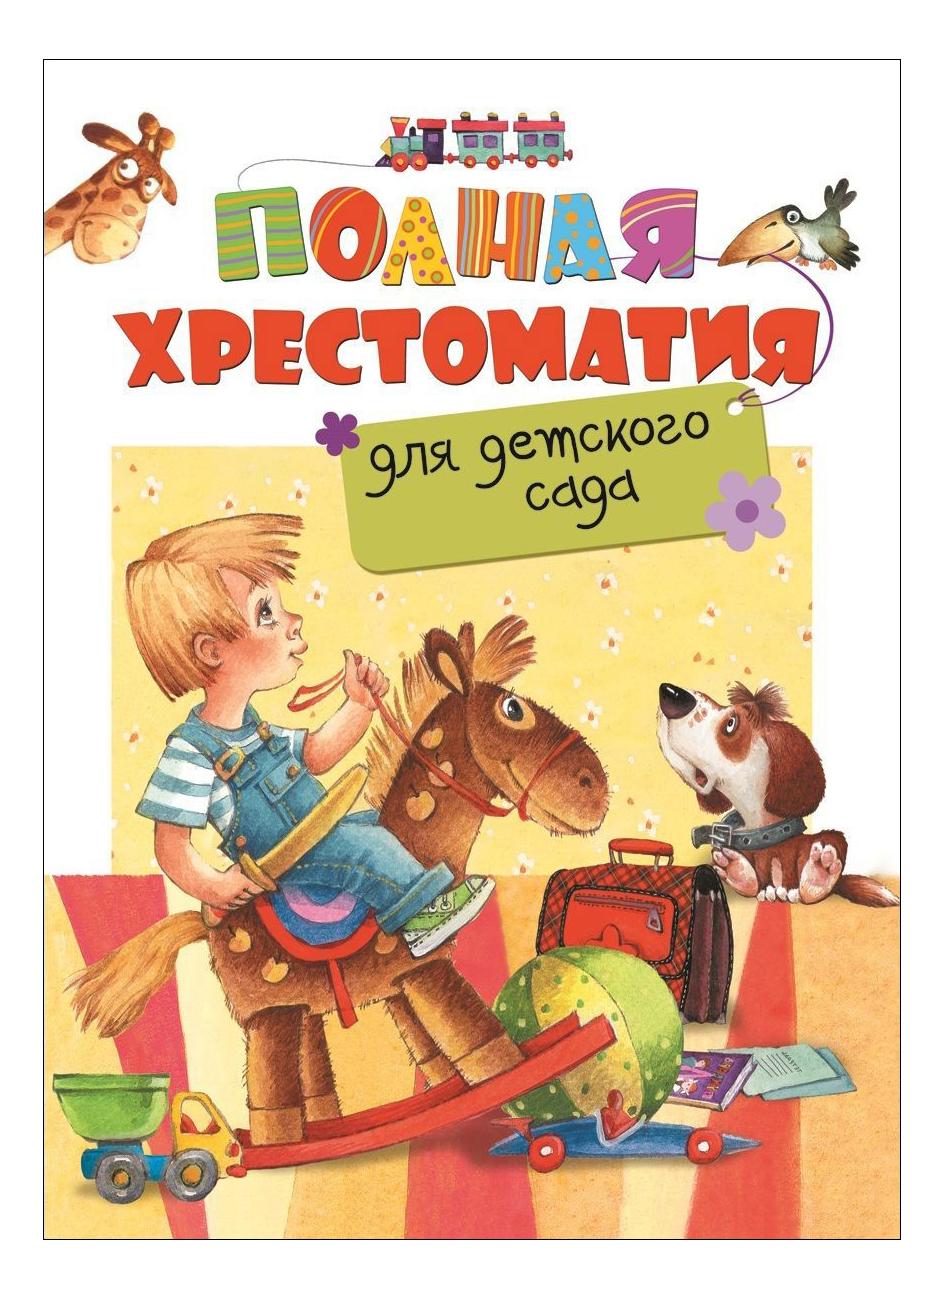 Купить Полная хрестоматия для детского сада, Книжка Росмэн полная Хрестоматия для Детского Сада, Детская художественная литература